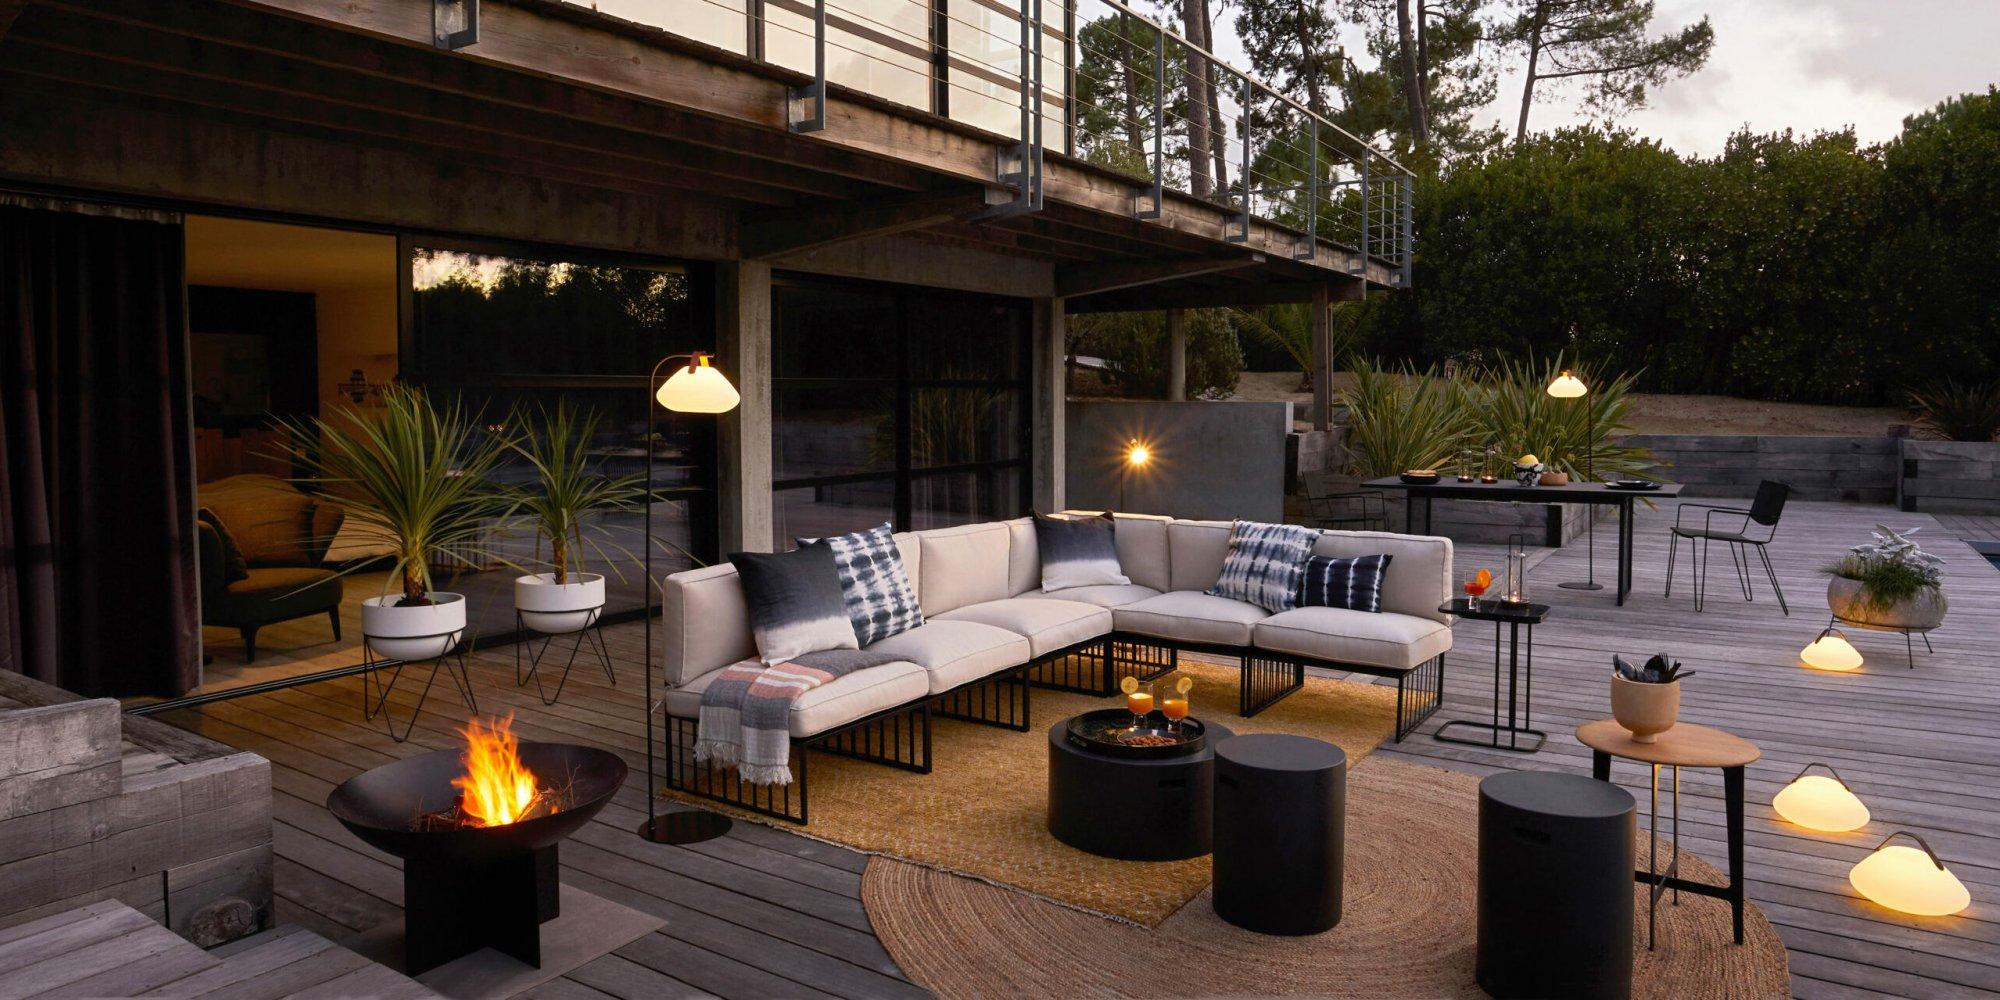 Déco Terrasse : 30 Idées Déco Pour Bien Aménager Sa Terrasse ... avec Amenager Une Grande Terrasse